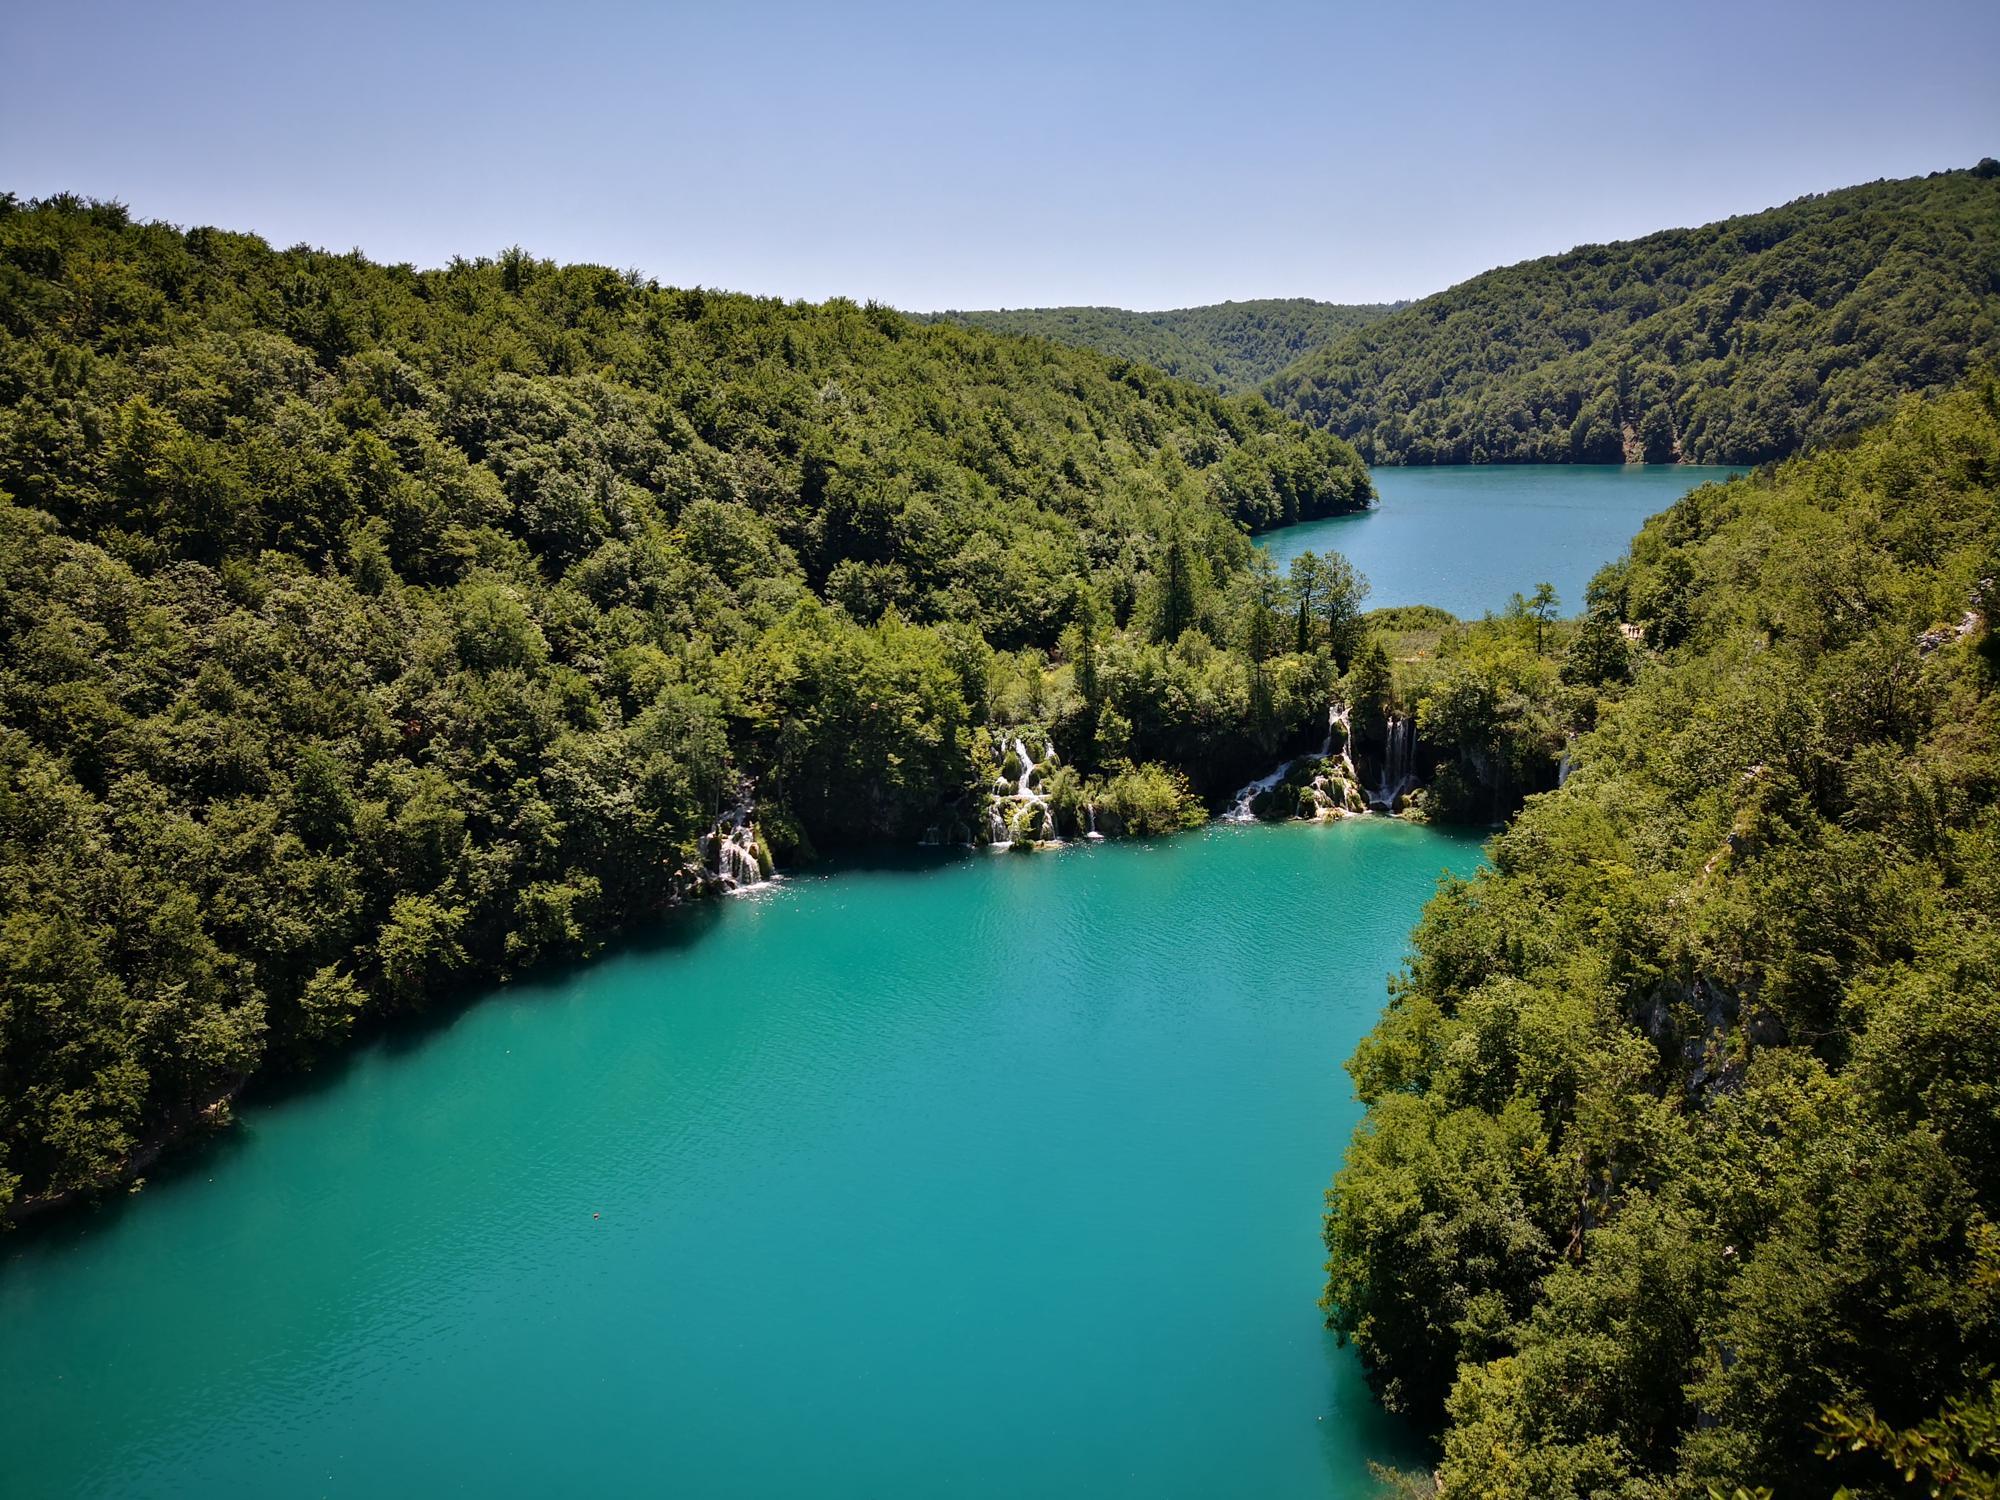 Conexión entre los lagos Milanovac y Korana